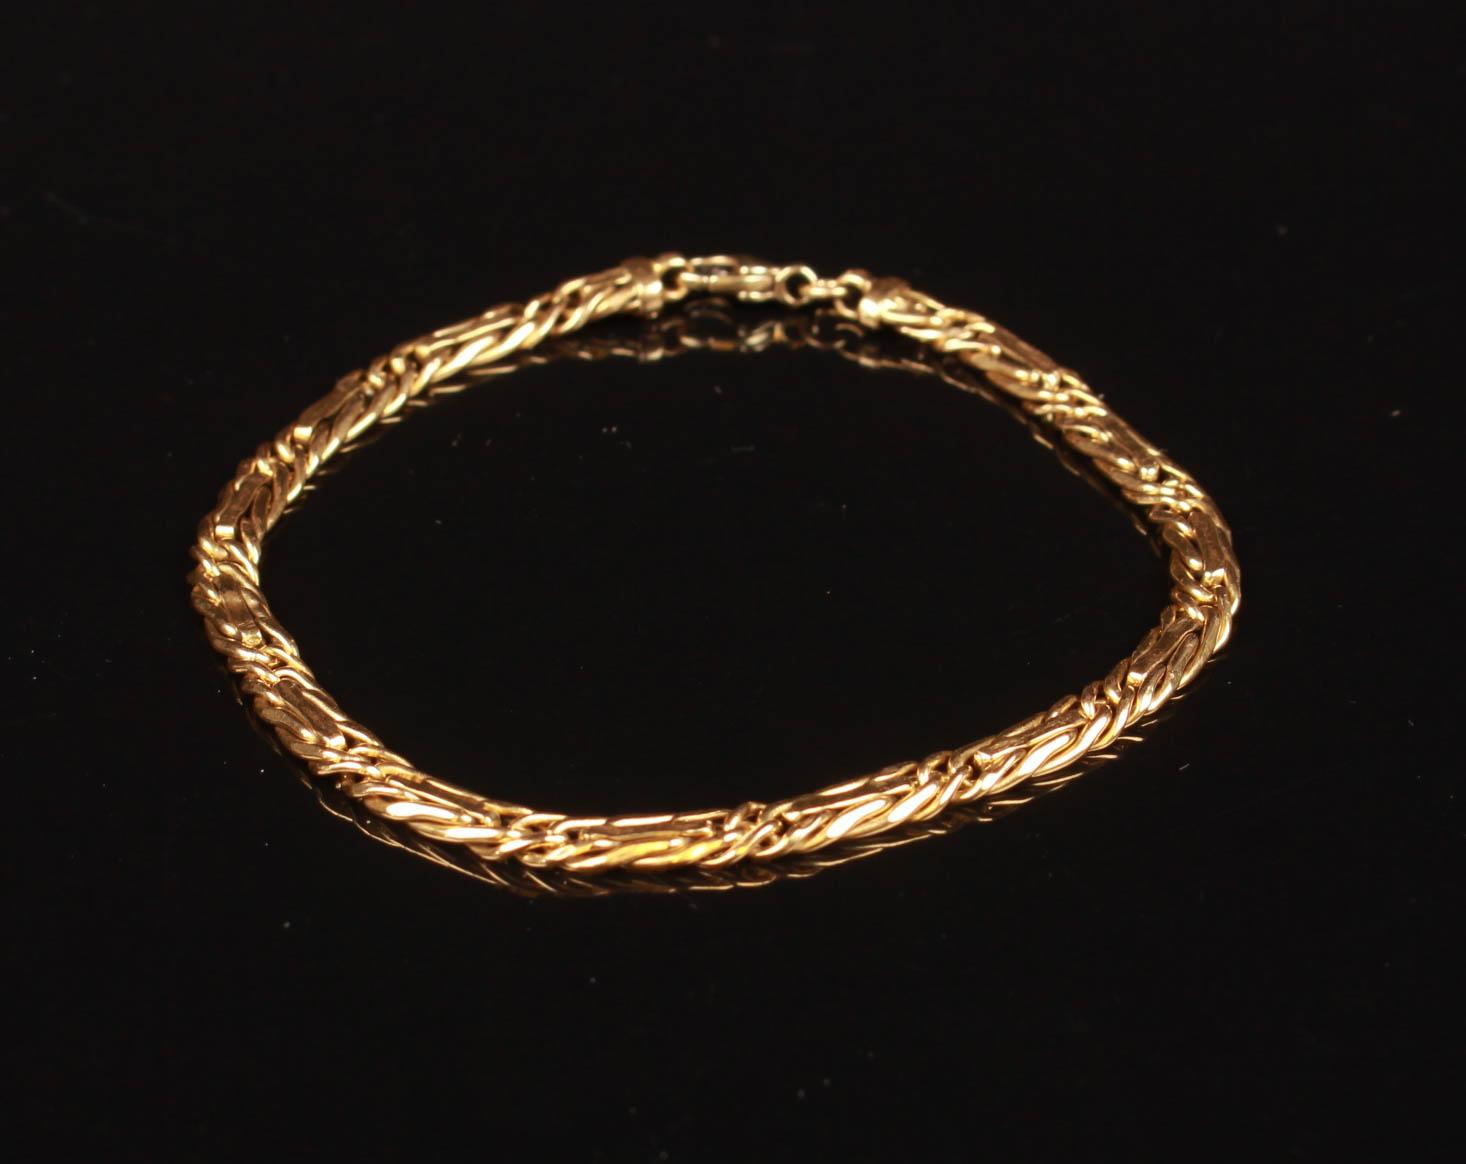 Italiensk halskæde, 18 kt guld - Italiensk halskæde af 18 kt guld monteret med karbinlås. L. 21 cm, B. 4,5 mm. Vægt ca. 6,6 gr. Fremstår med brugsspor